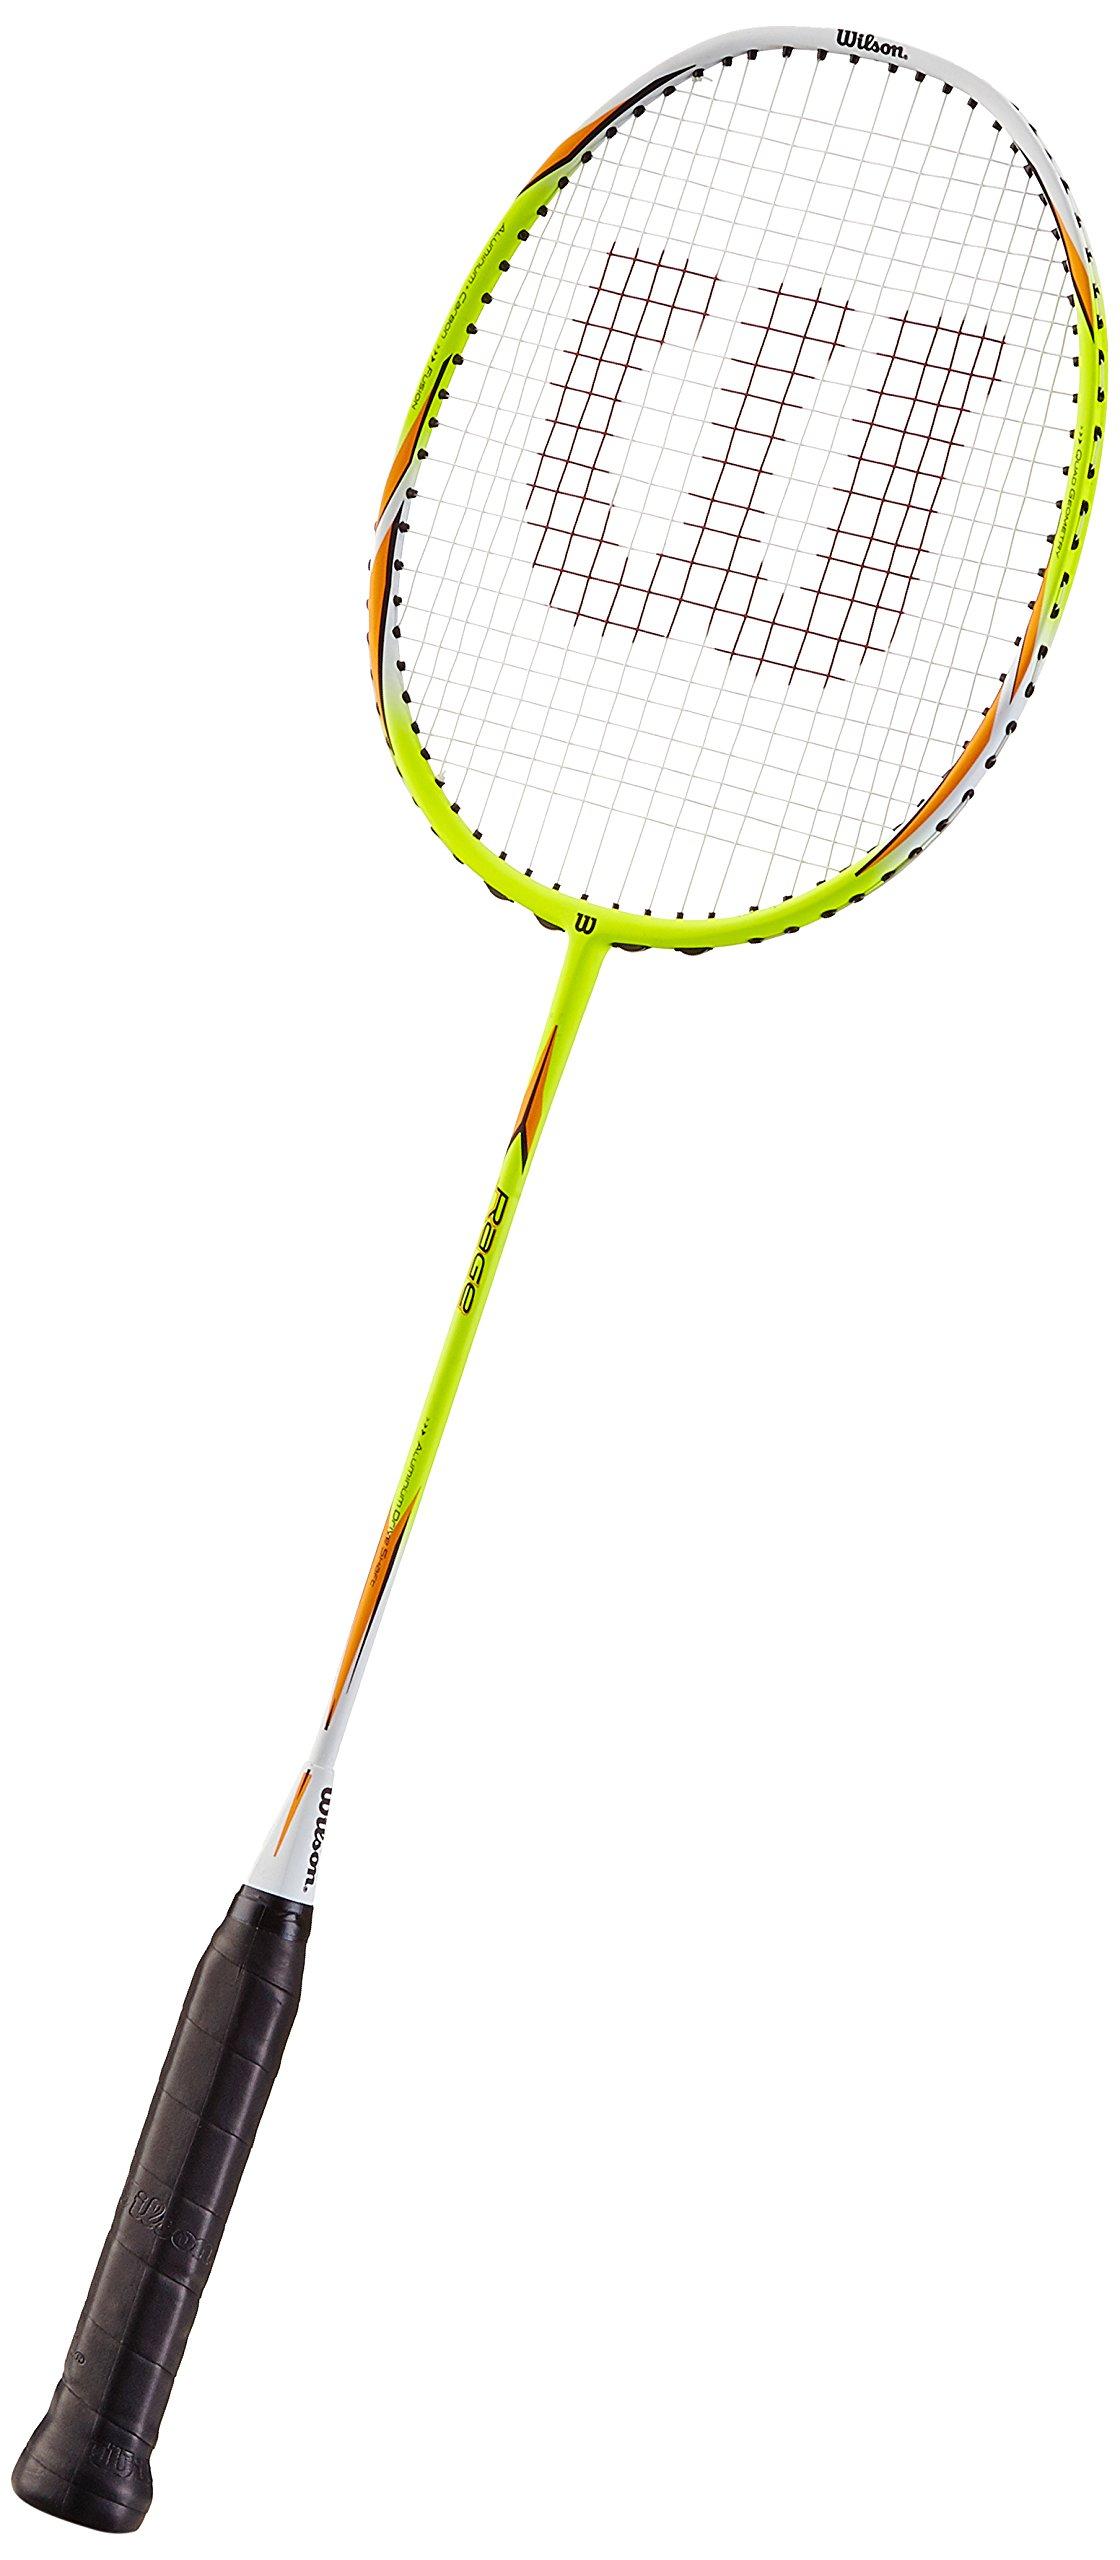 Wilson Rage 1/2 Raqueta de Badminton, Unisex Adulto, Neon / Rojo, 4